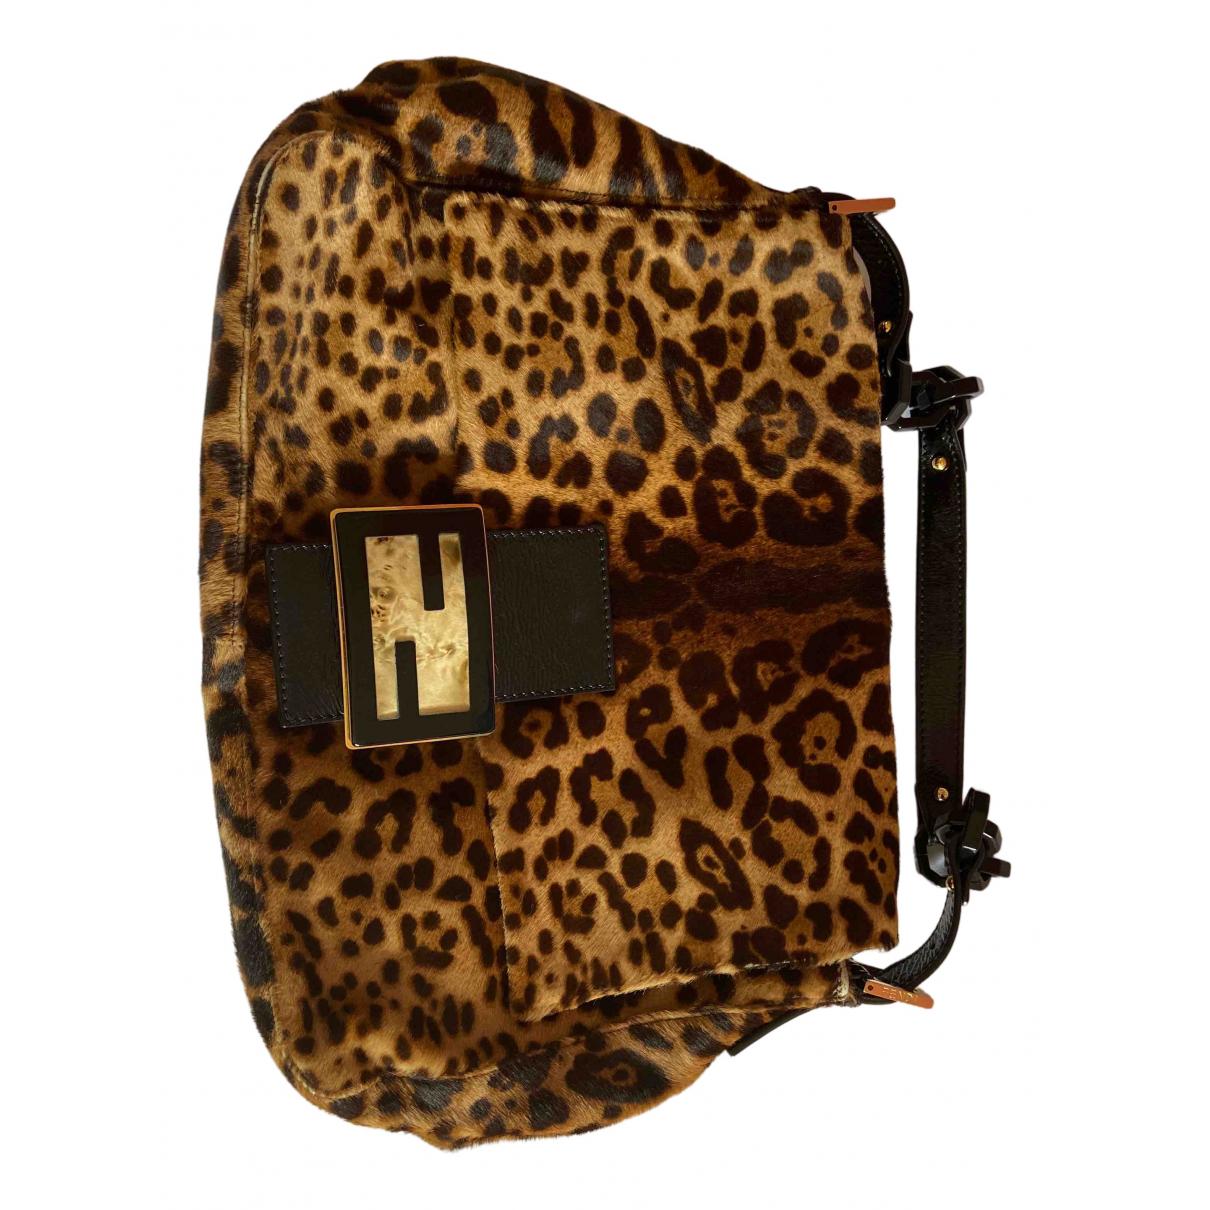 Fendi N Brown Pony-style calfskin handbag for Women N